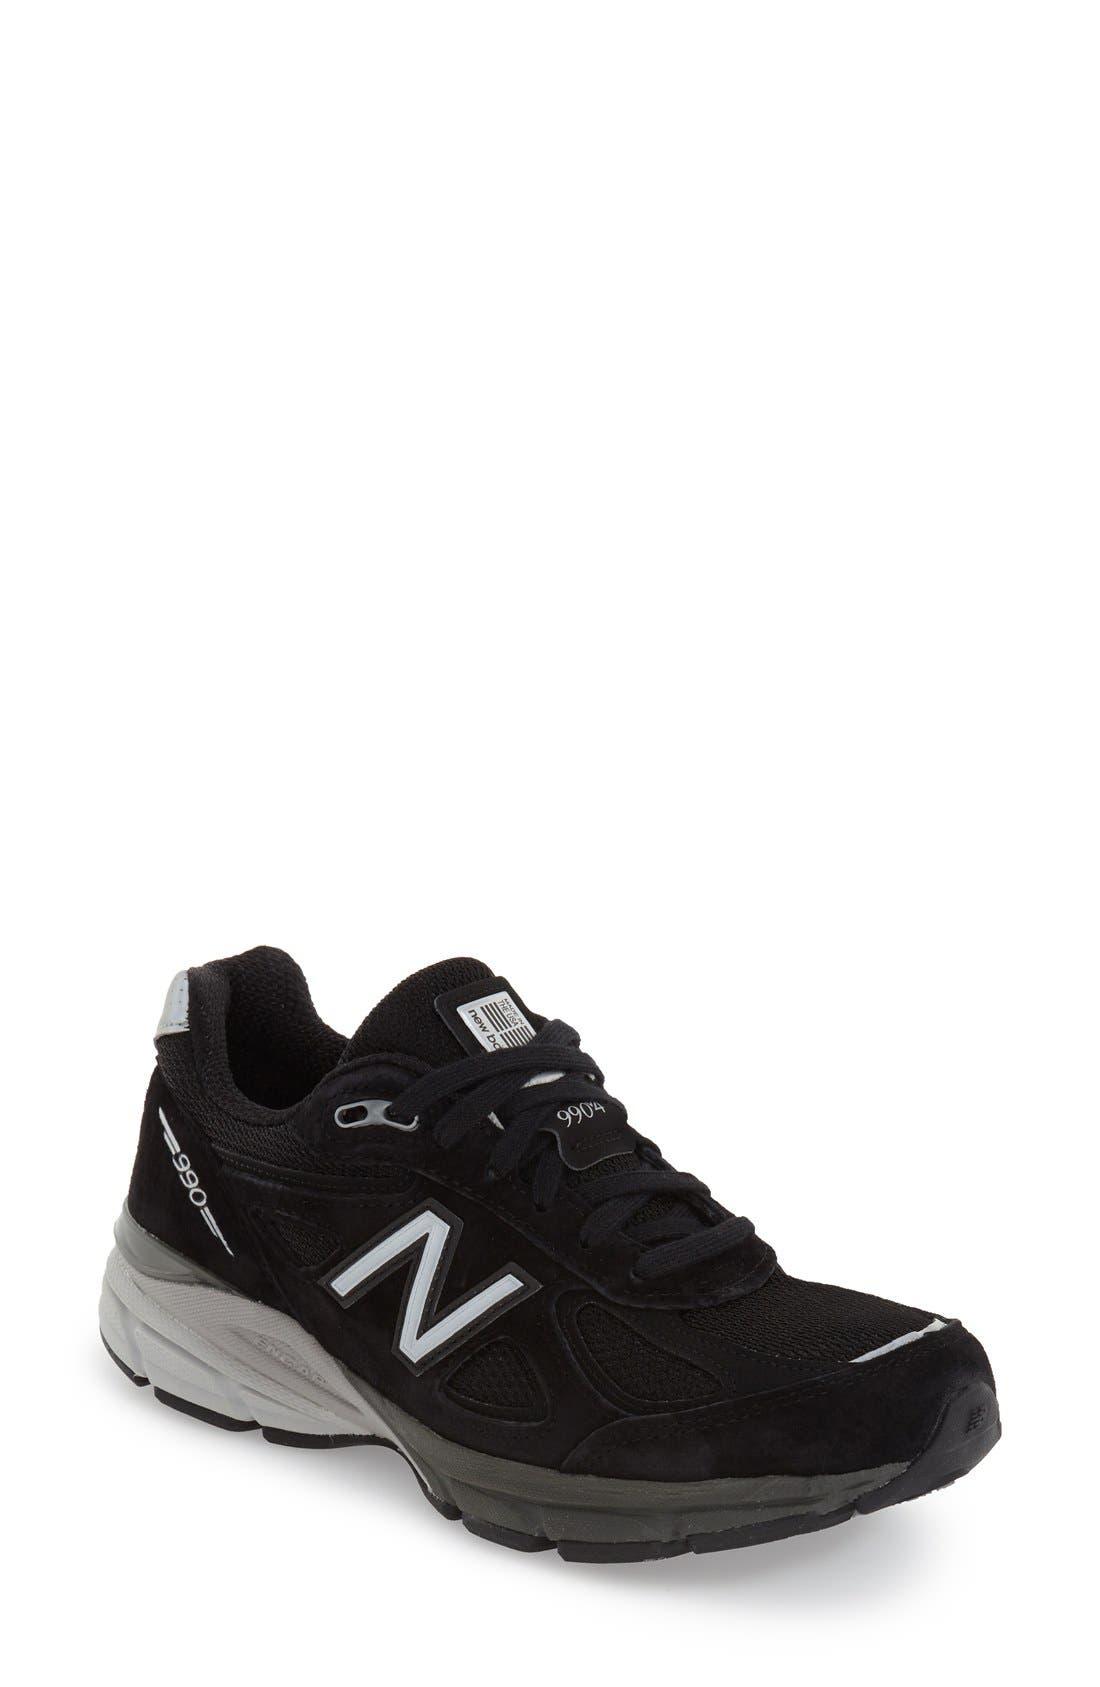 Main Image - New Balance '990 Premium' Running Shoe (Women)